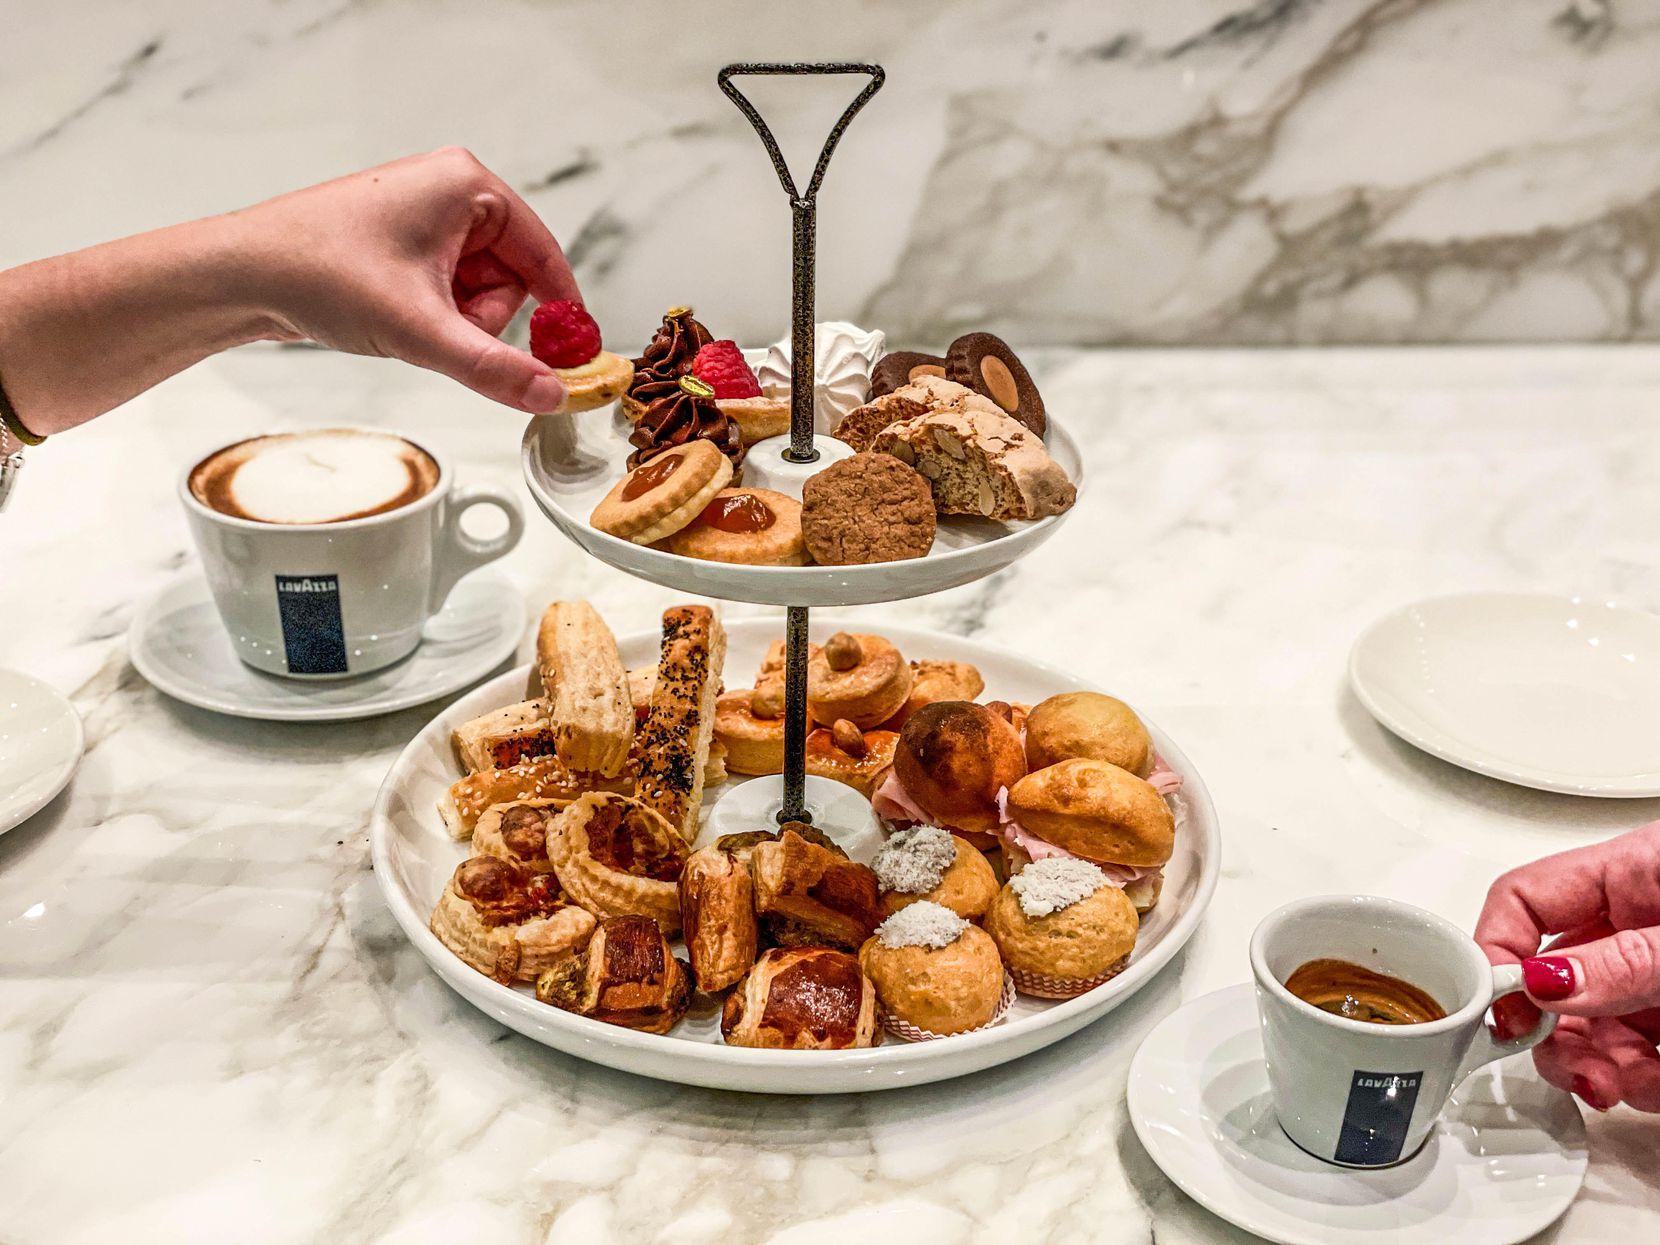 L'un des éléments du menu du Caffe Lavazza à l'intérieur d'Eataly Dallas est la tour, une tour de collations à partager.